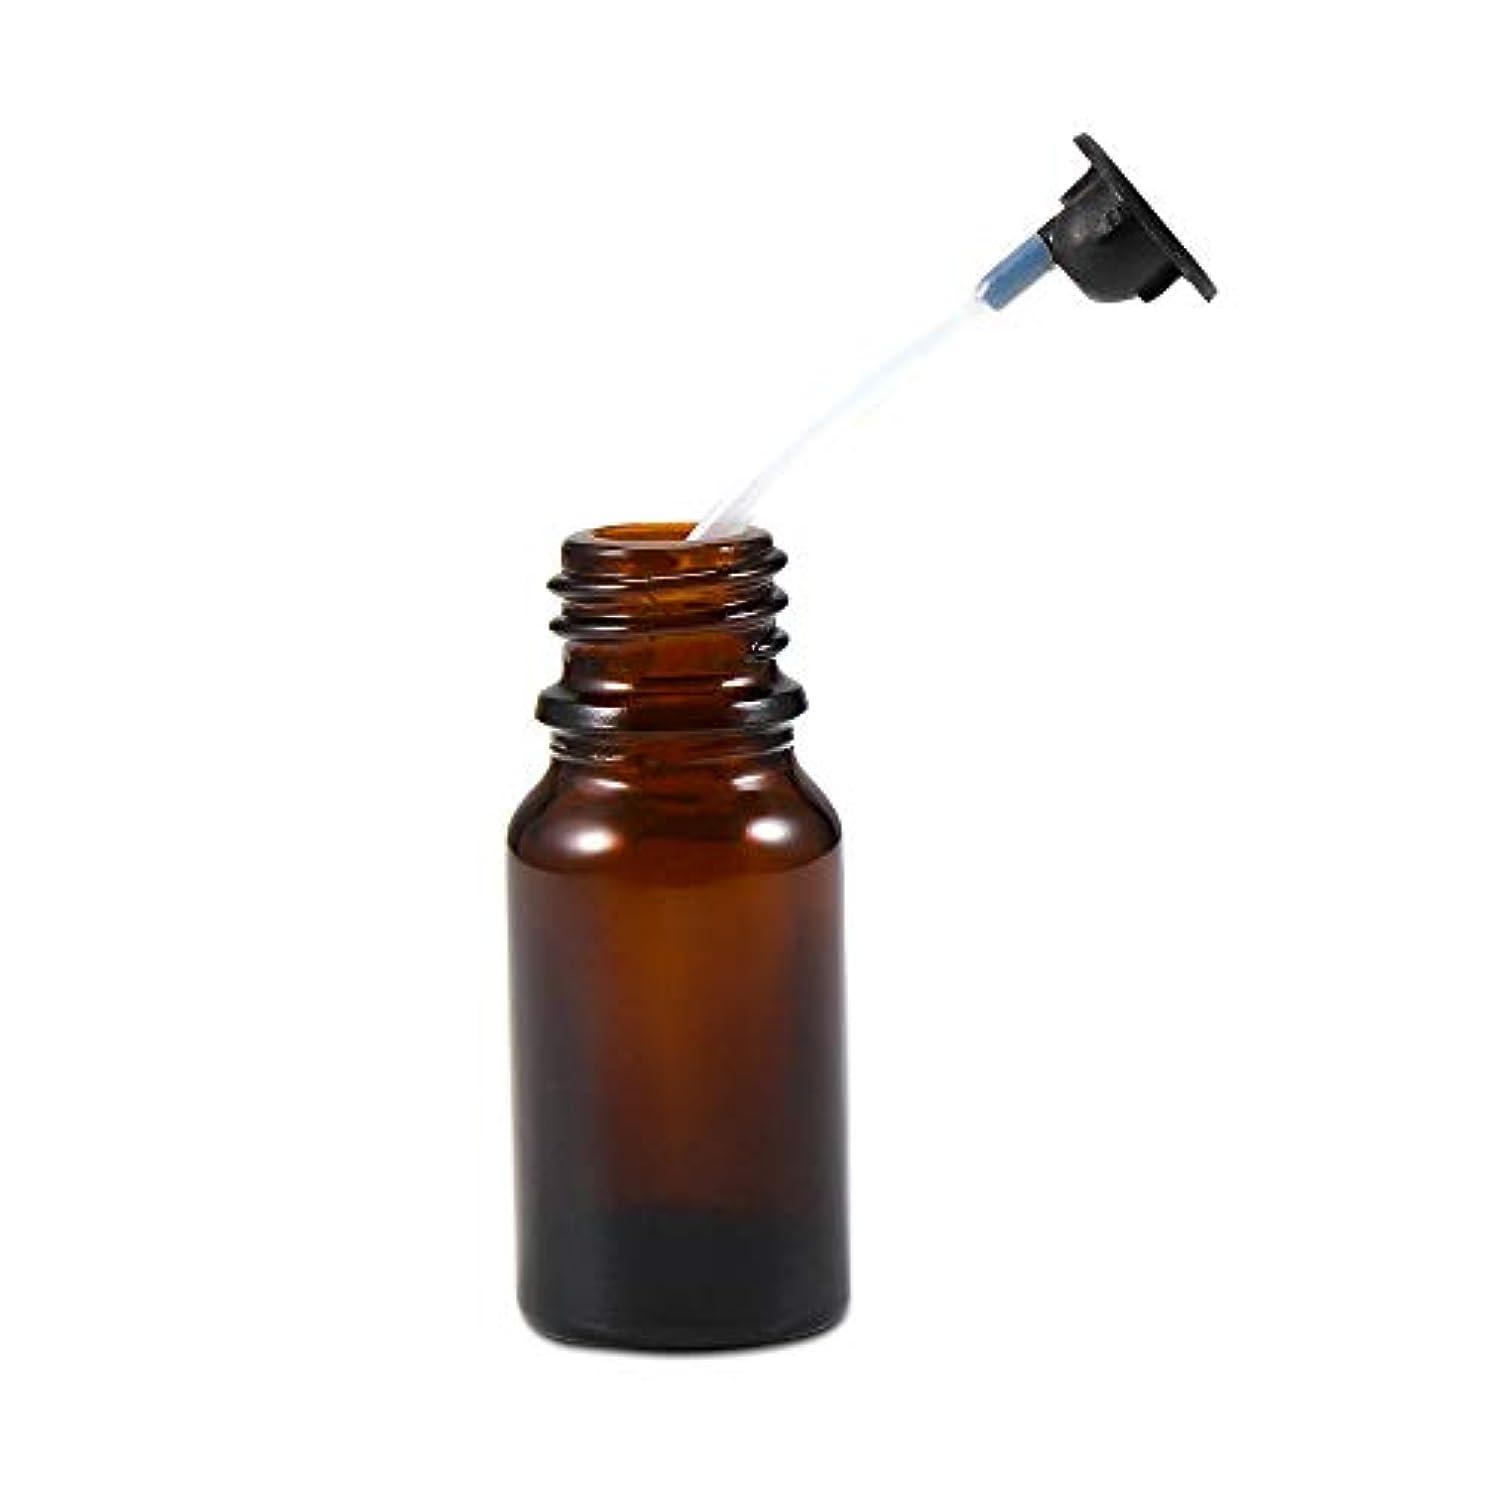 承認する銀ぴかぴかCaseceo エッセンシャルオイル ボトルとノズル 交換用 アクセサリー 数量1